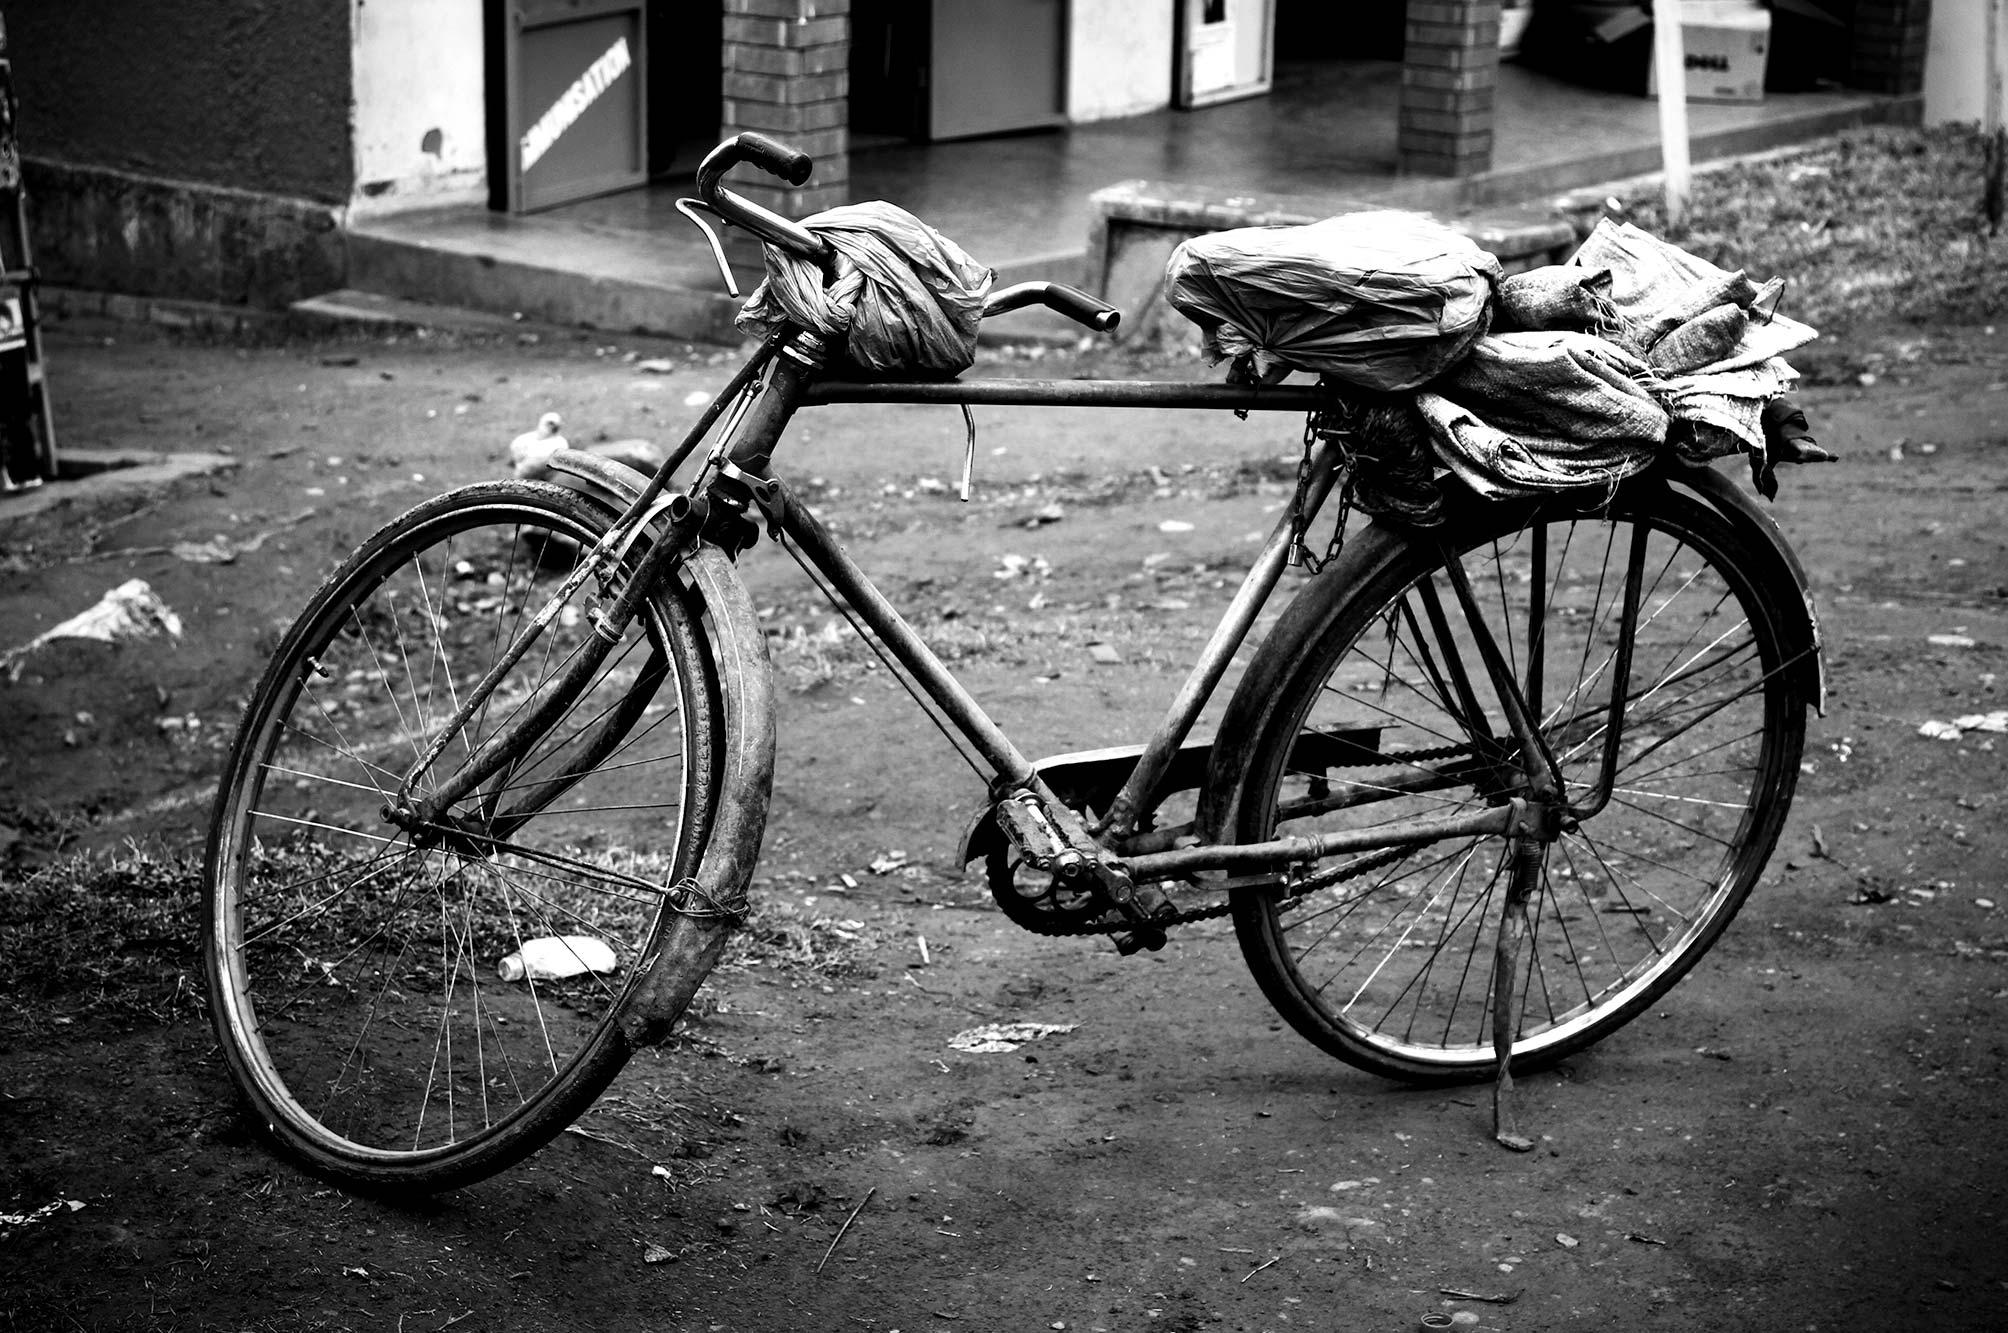 Uganda Bike with rack on the back